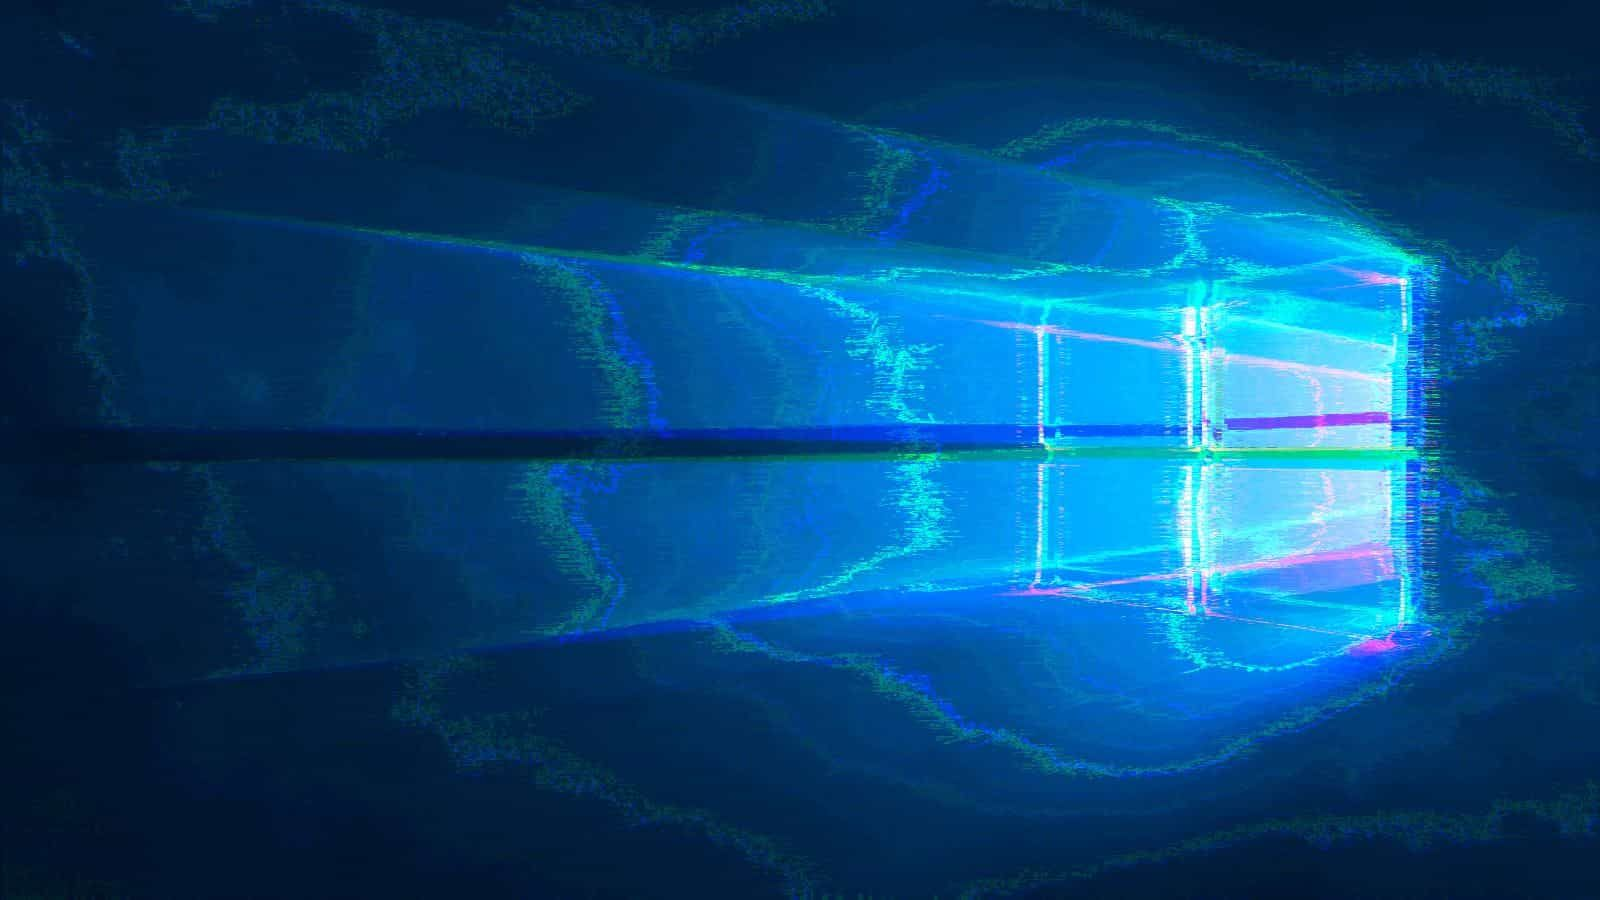 Windows 10 Wallpaper Broken Mywallpapers Site In 2020 Wallpaper Windows 10 Windows 10 Free Desktop Wallpaper